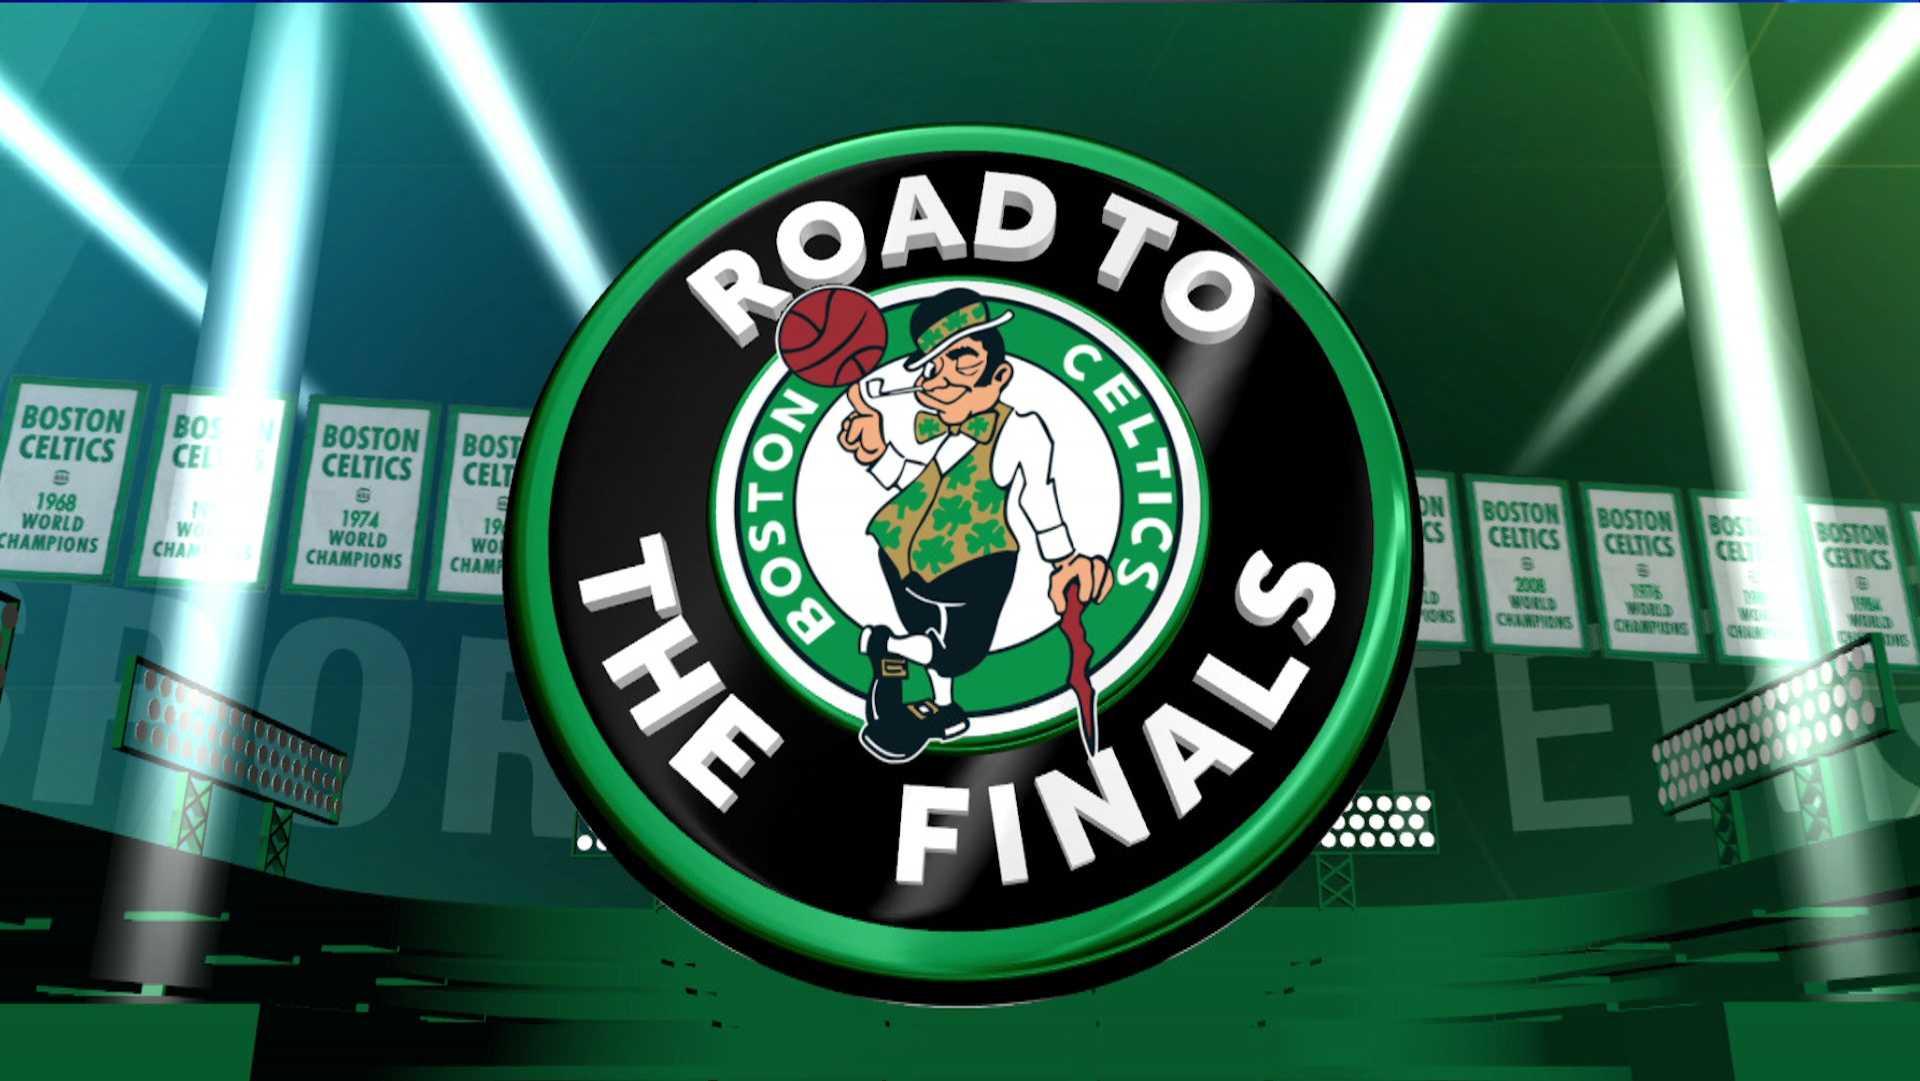 Boston Celtics Record 2017 >> Boston Massacre; LeBron, Cavs rout Celtics in record-breaking loss